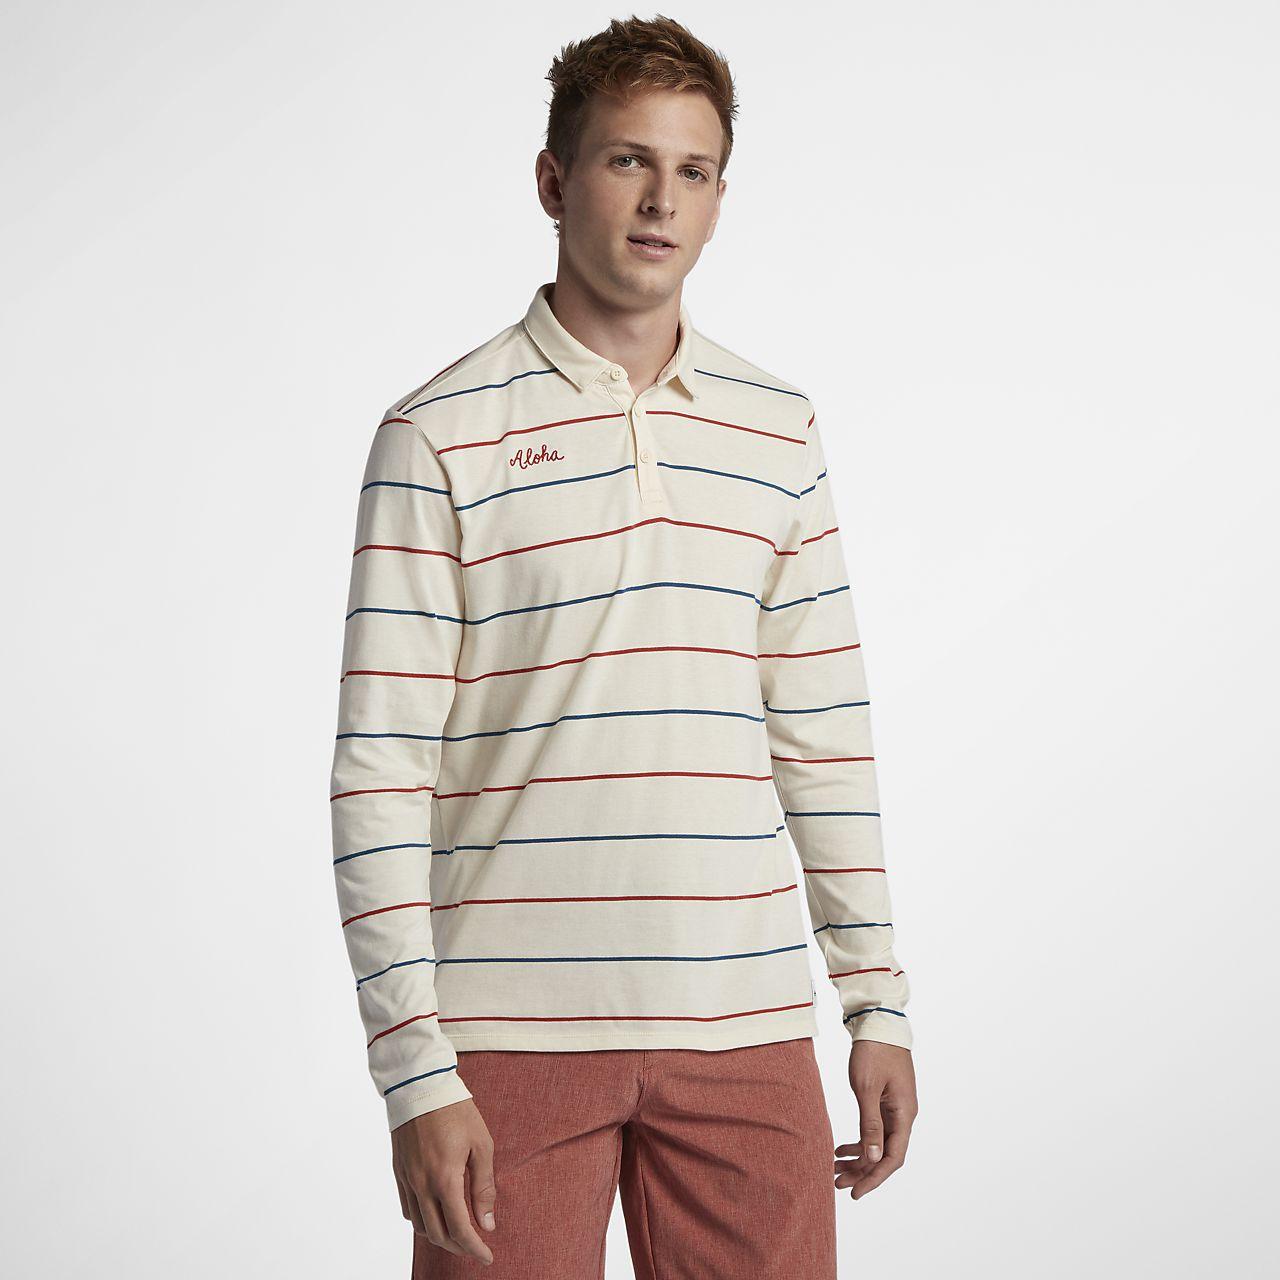 Långärmad t-shirt Hurley Channels Polo för män